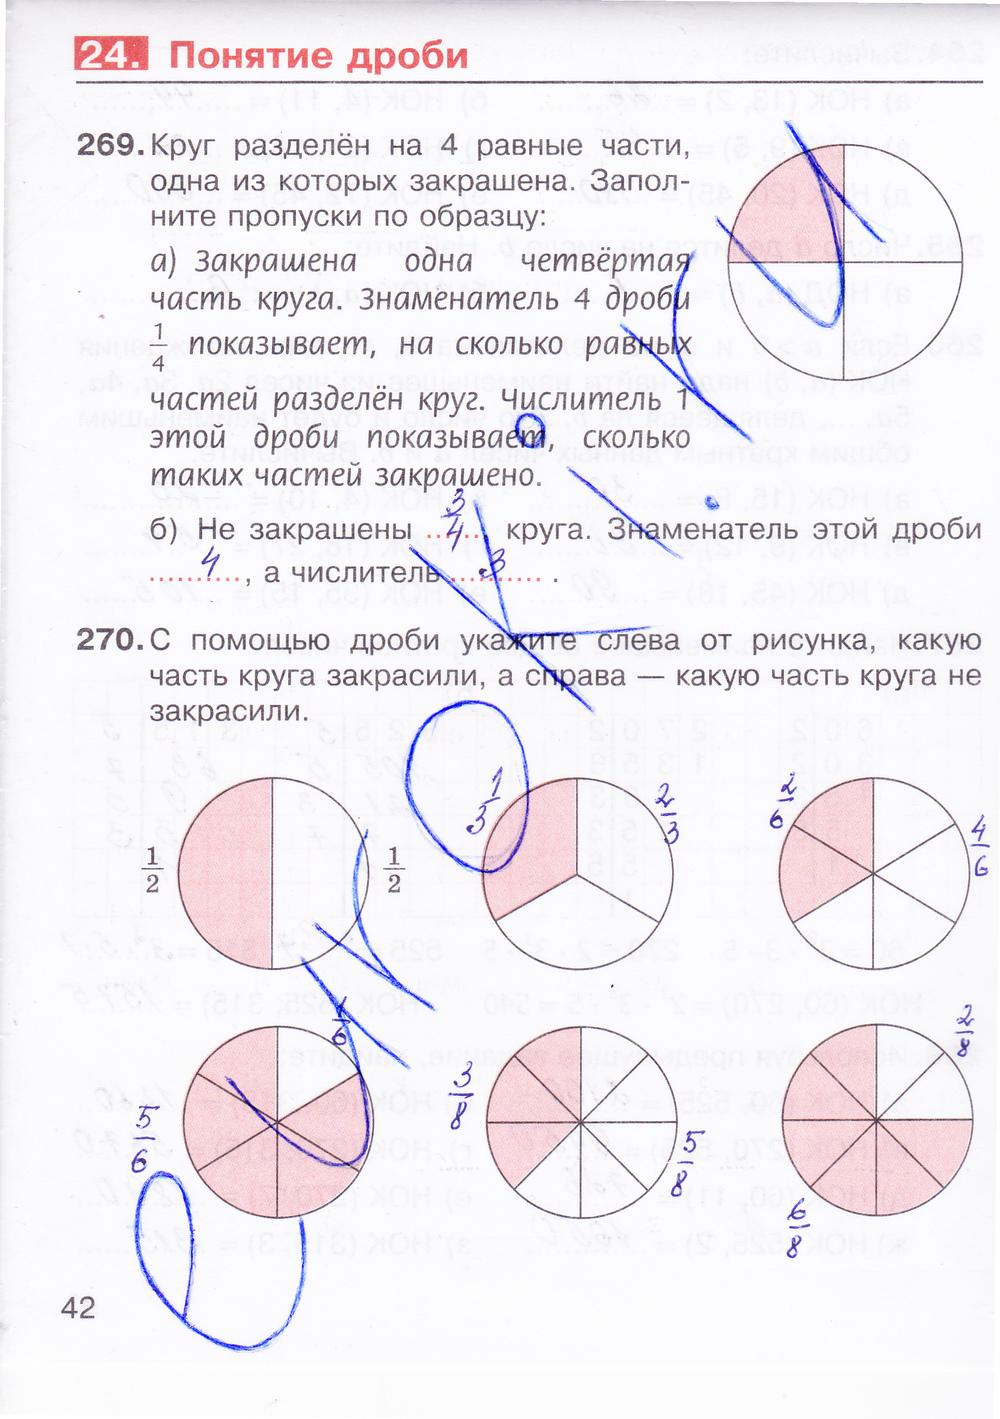 ГДЗ по математике 5 класс рабочая тетрадь Потапов, Шевкин К учебнику Никольского Часть 1, 2. Задание: стр. 42